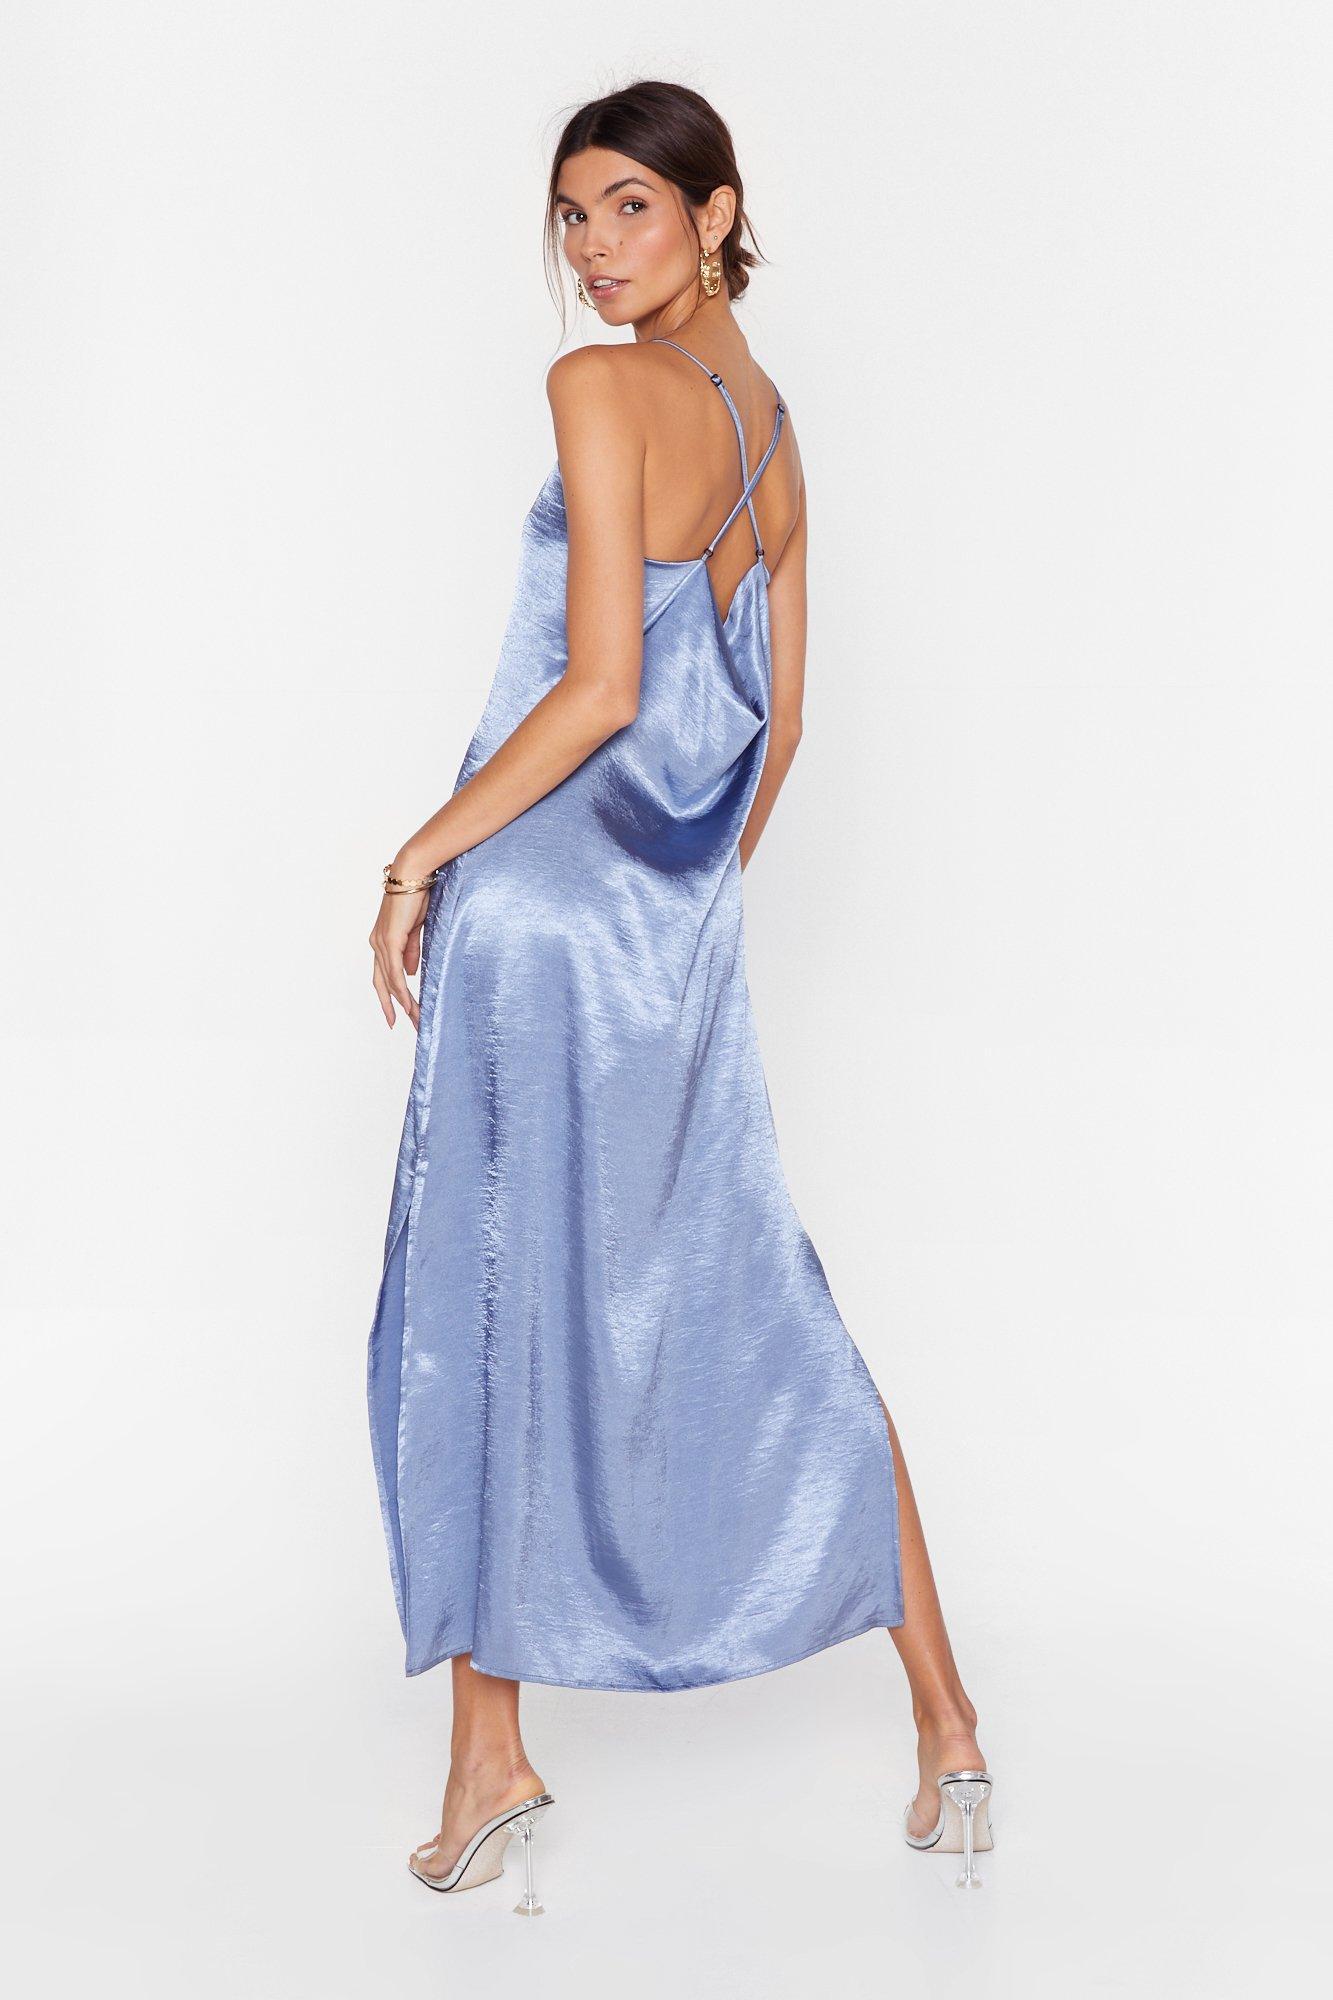 Image of Don't Cowl Me Back Satin Midi Dress